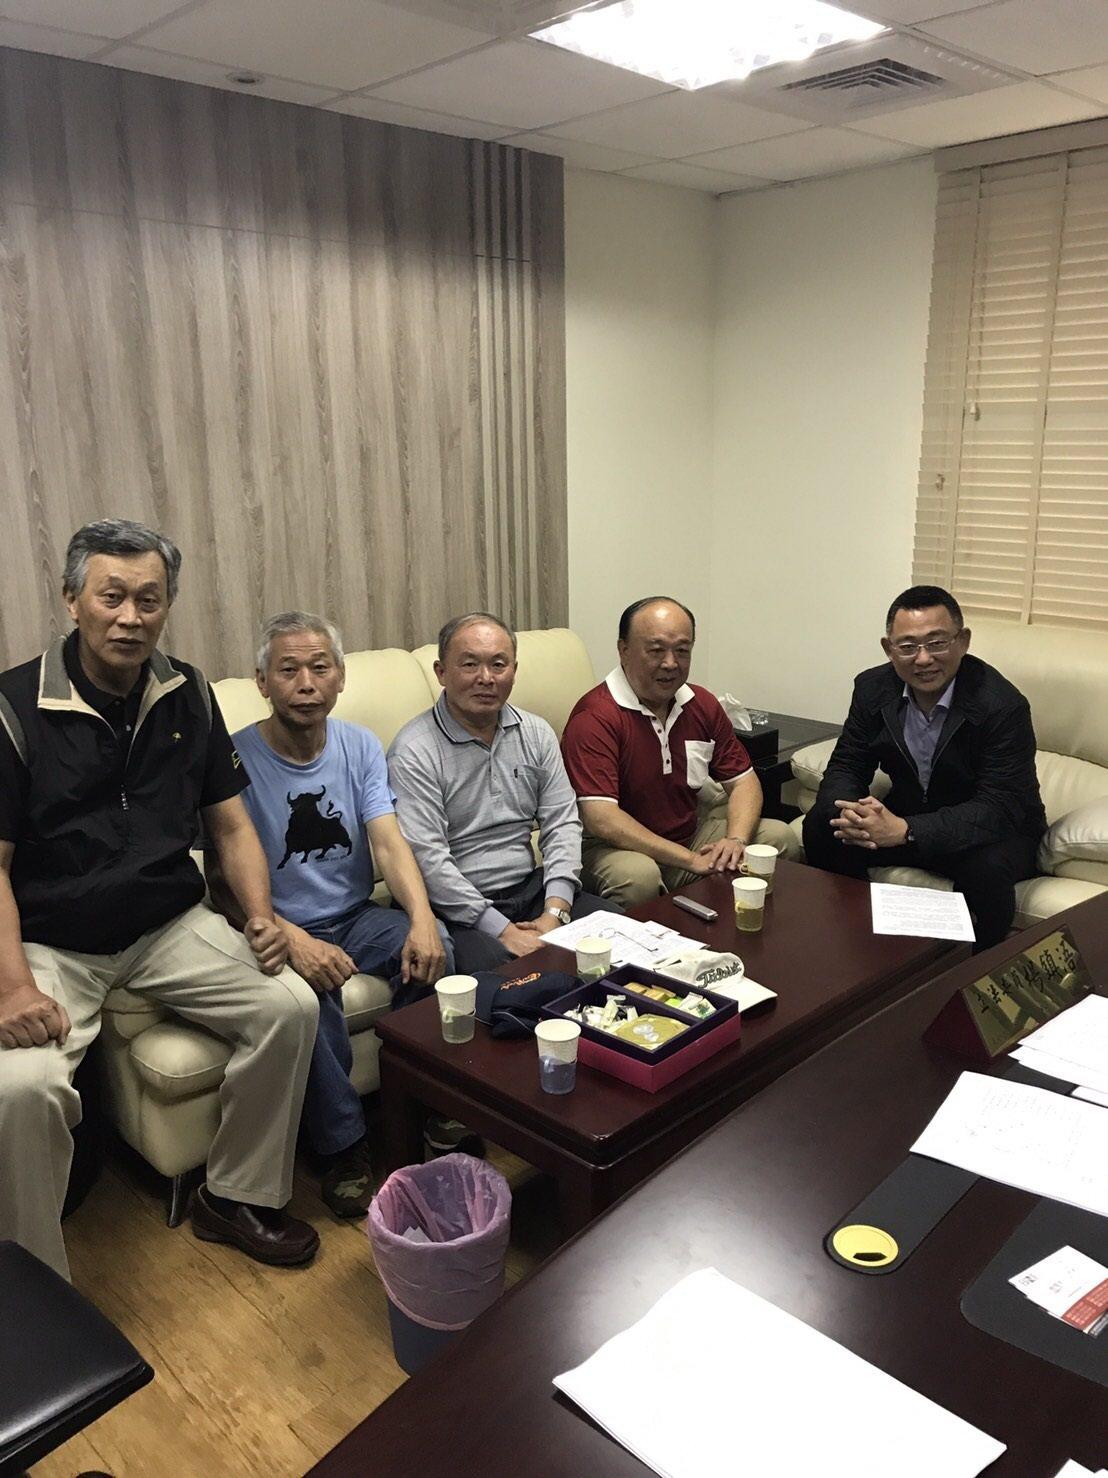 「八百壯士」活動團體代表吳斯懷(右二)等人拜會藍委楊鎮浯(右一)尋求支持。圖/讀...